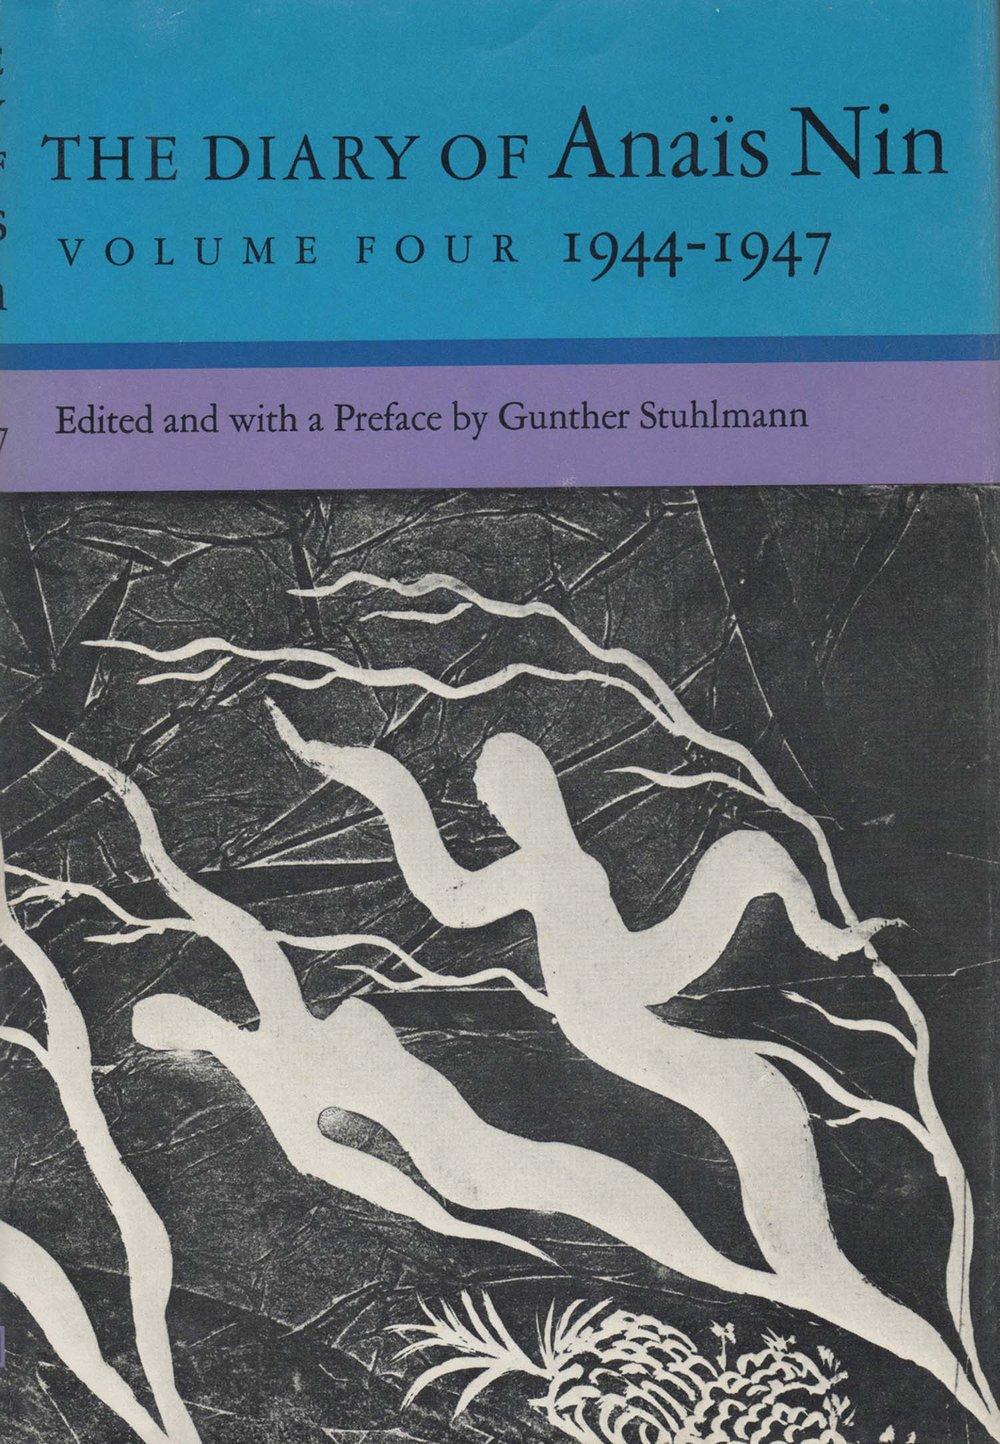 The Diary of Anais Nin Volume Four